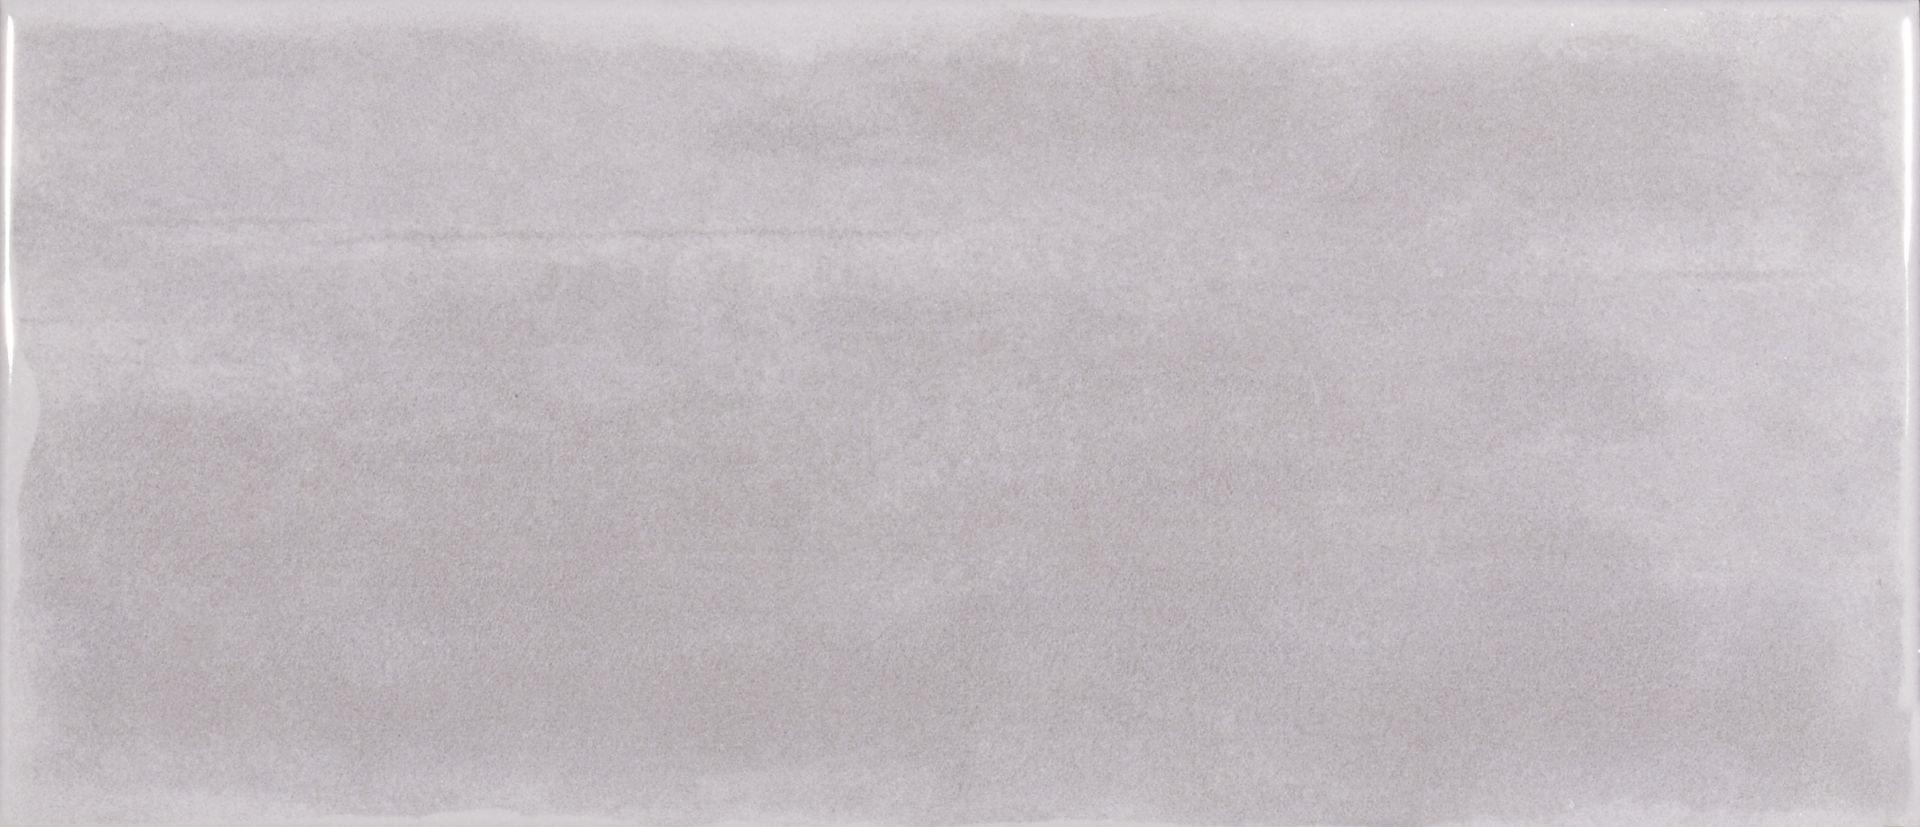 Maiolica Tender Gray - obklad 11x25 šedá